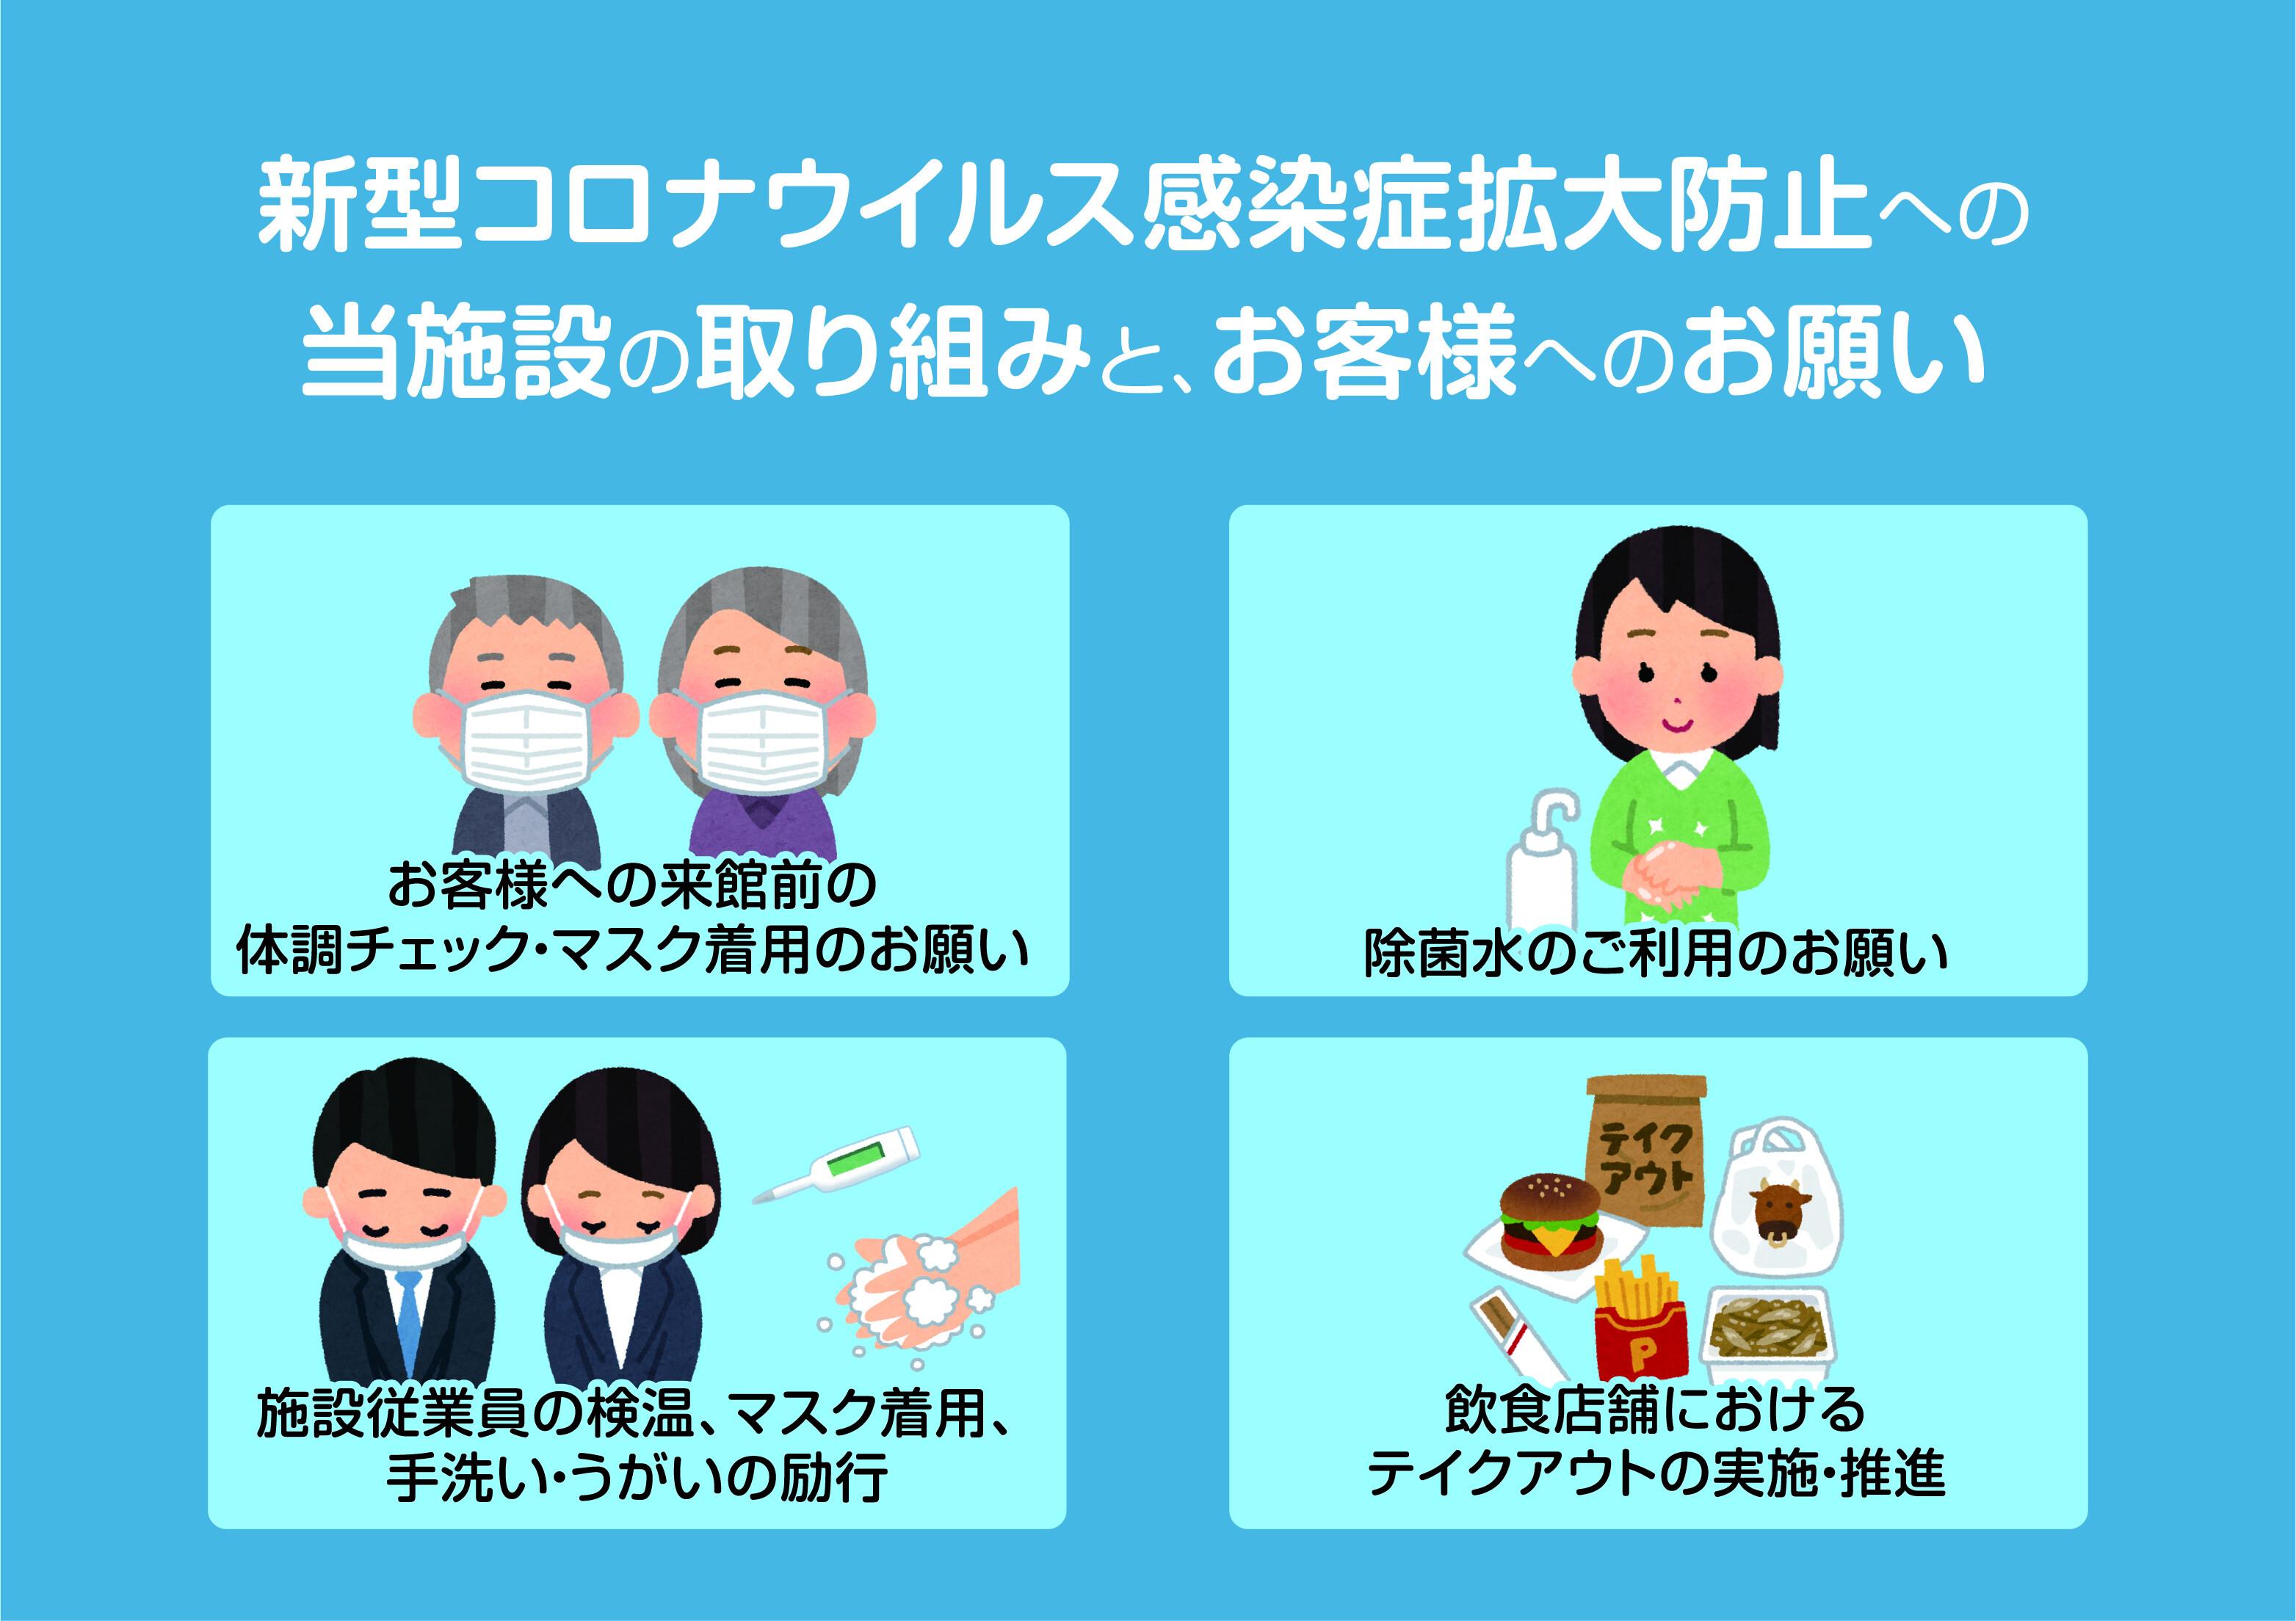 新型コロナウイルス感染症拡大防止への取り組み